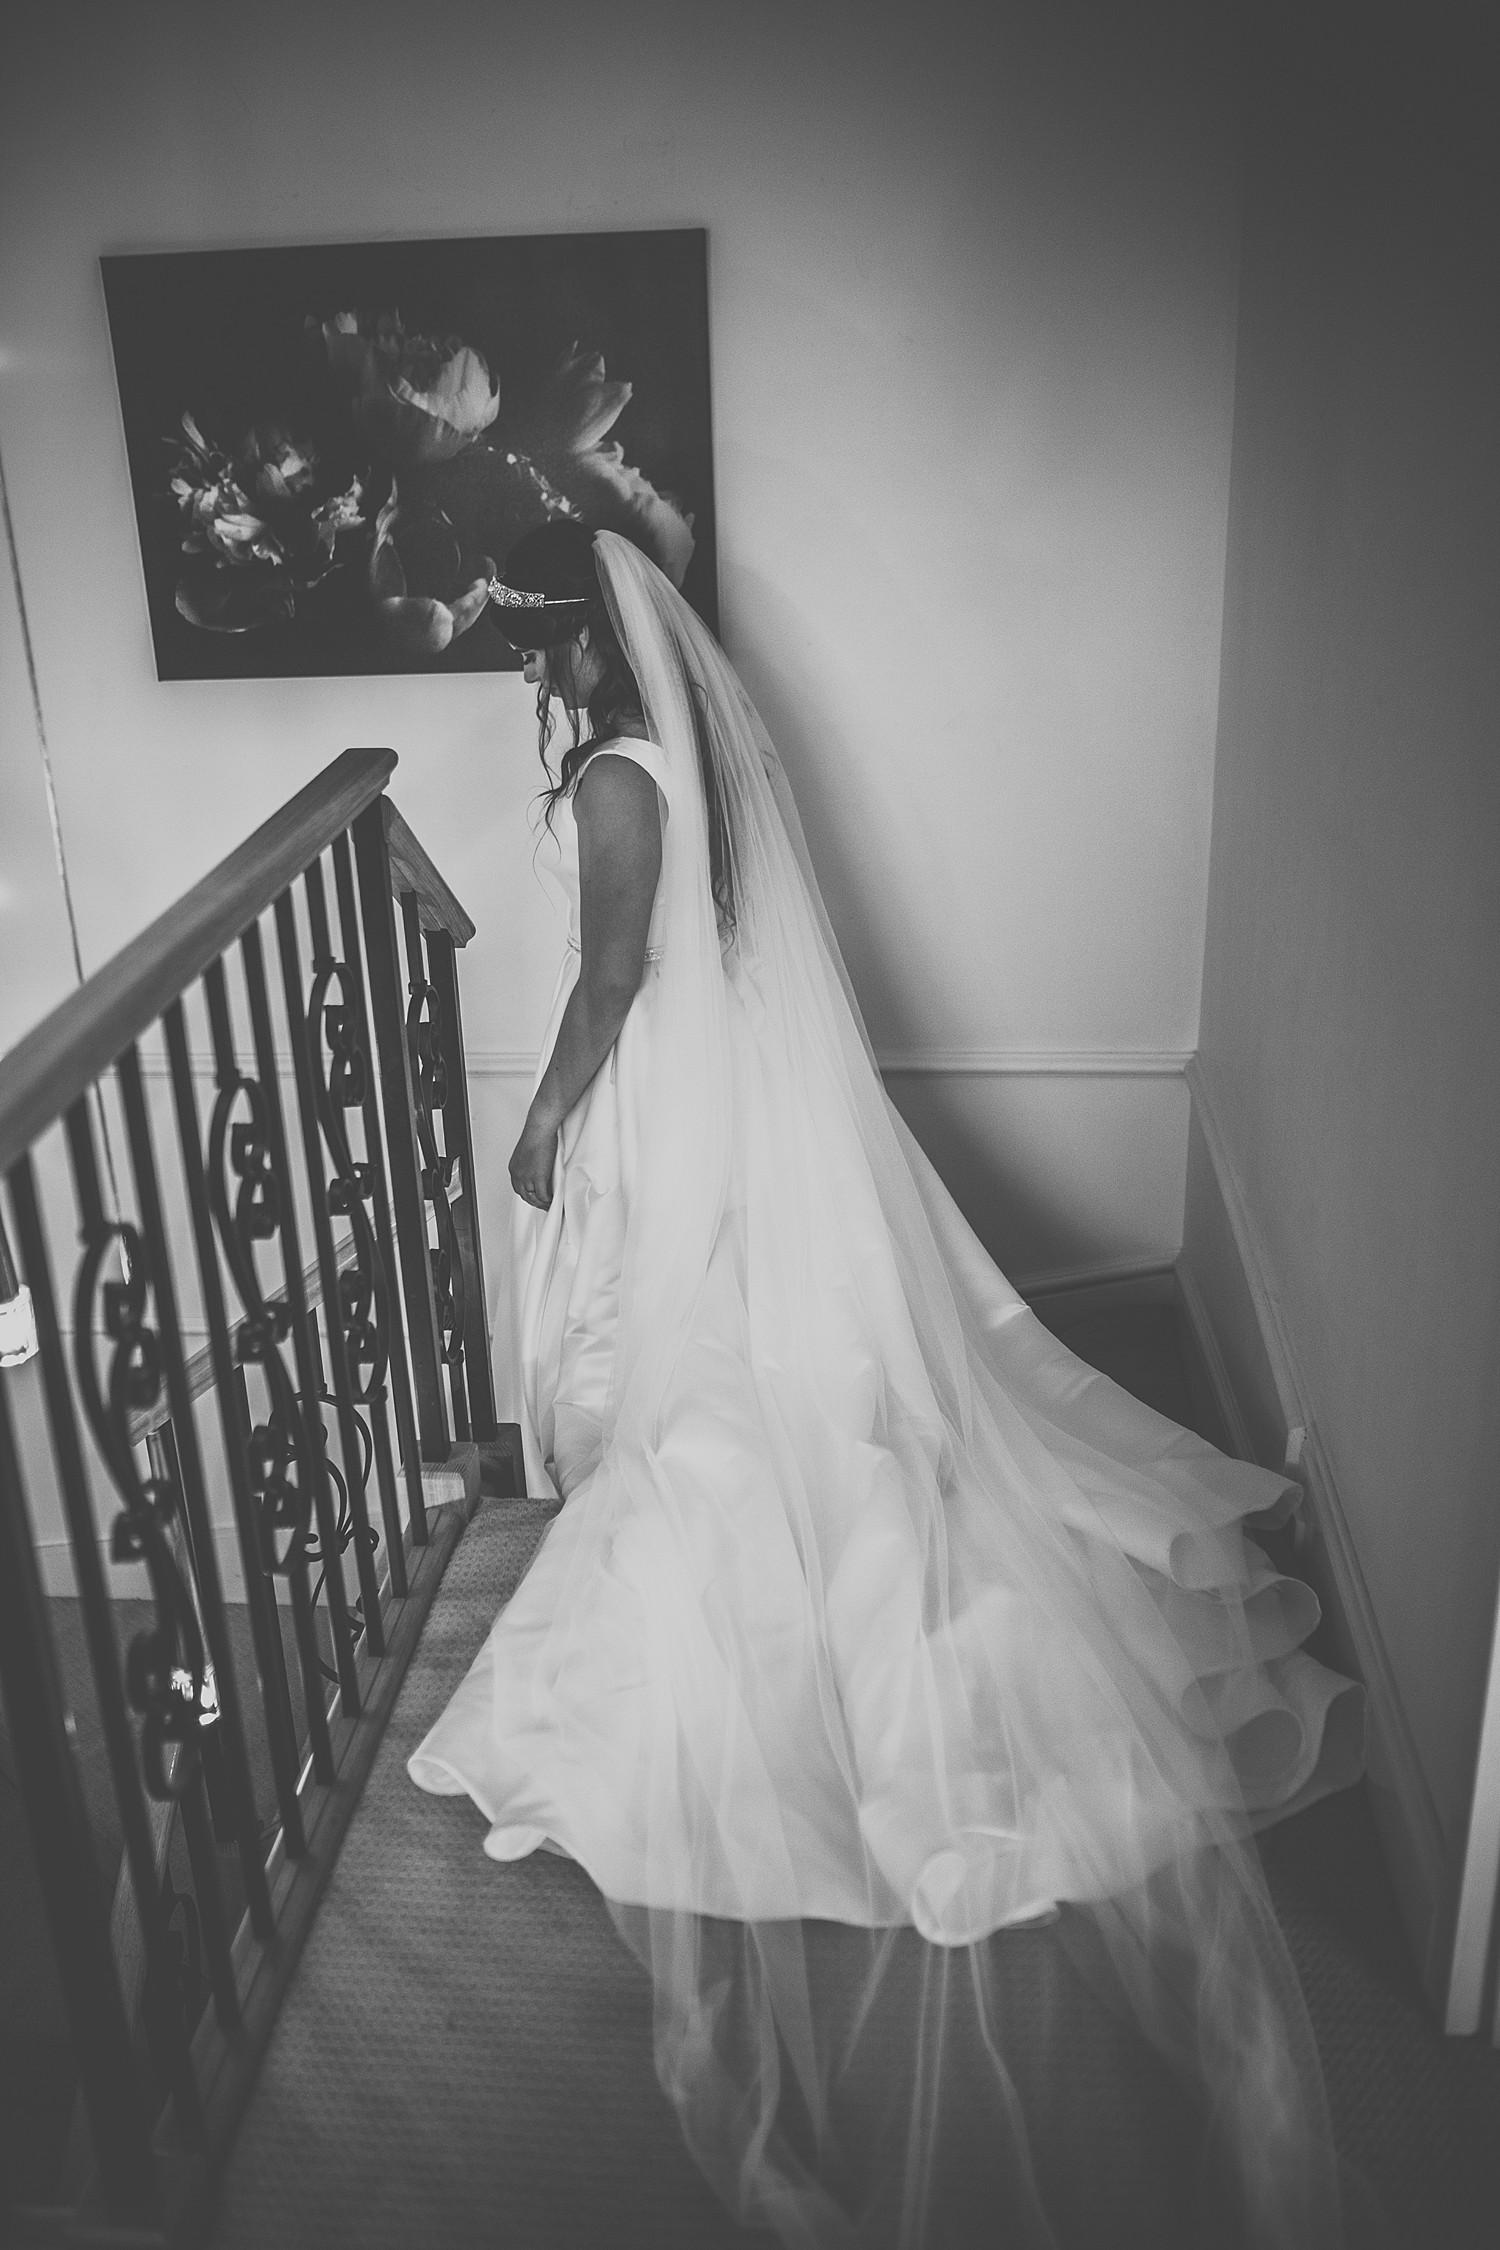 perth_swan_valley_scottish_rainy_wedding_0012.jpg